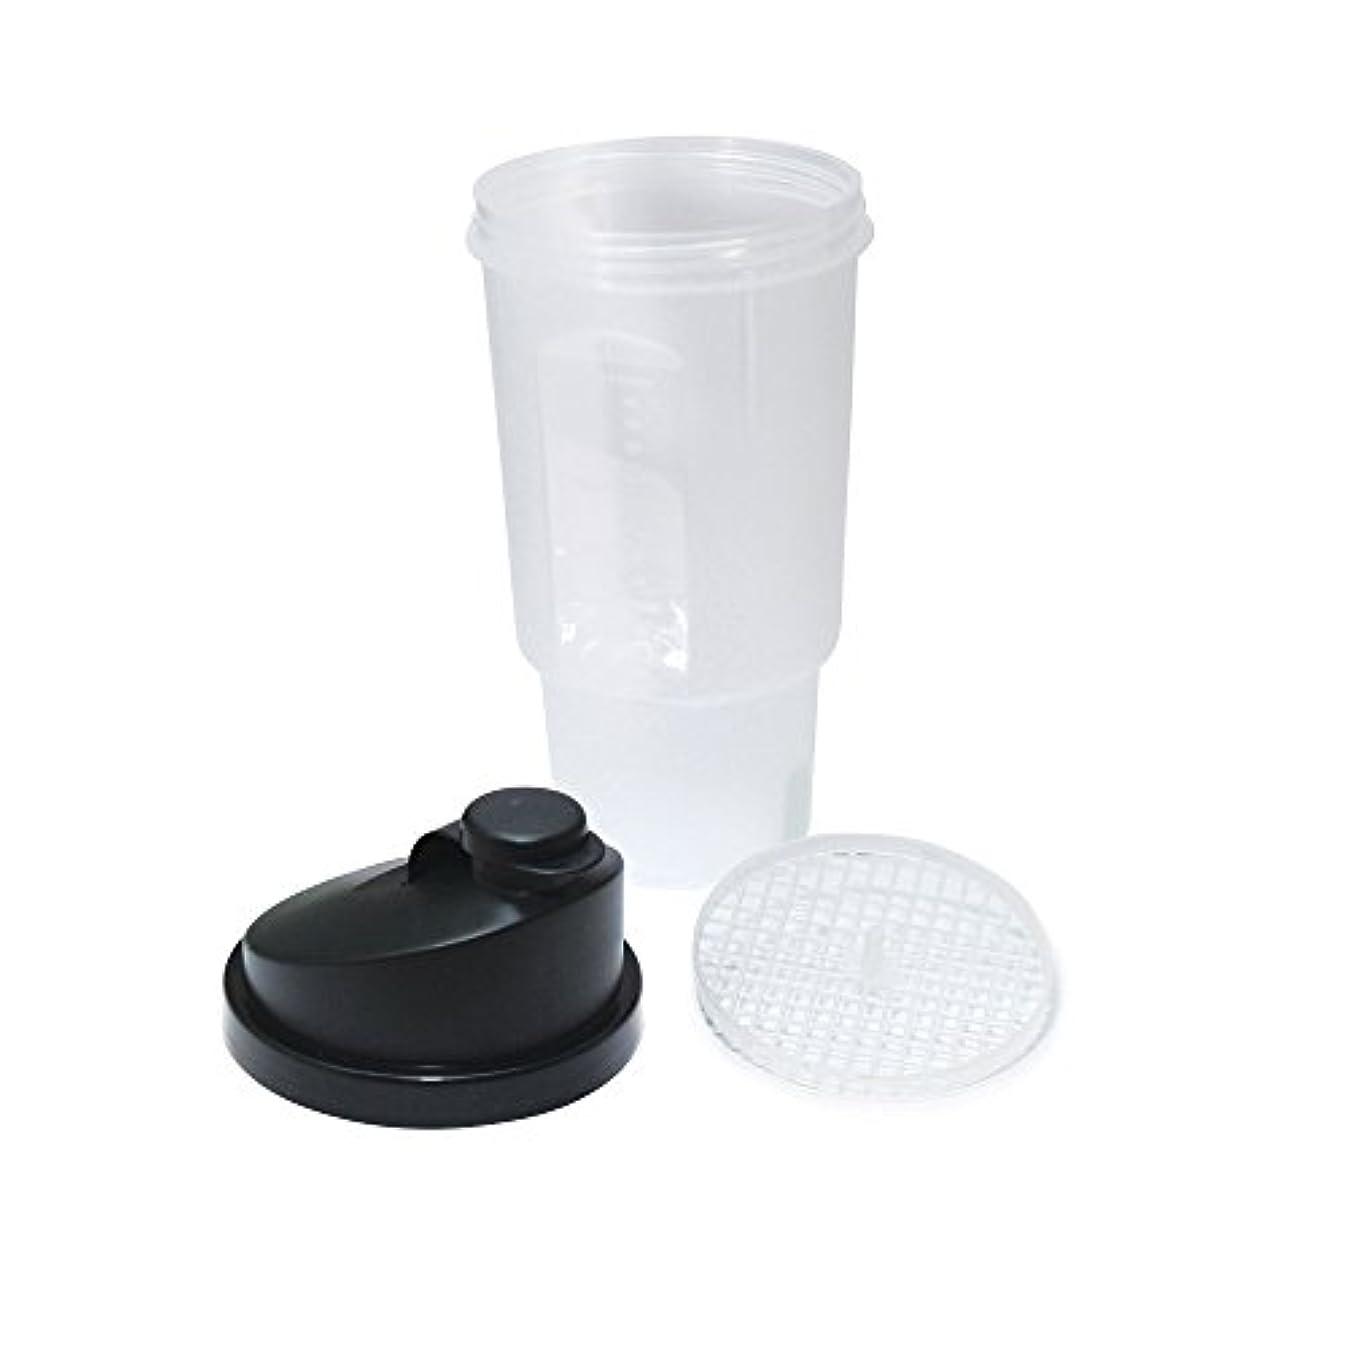 トラフ確認してくださいネックレットnufazes 20 oz Protein Shaker